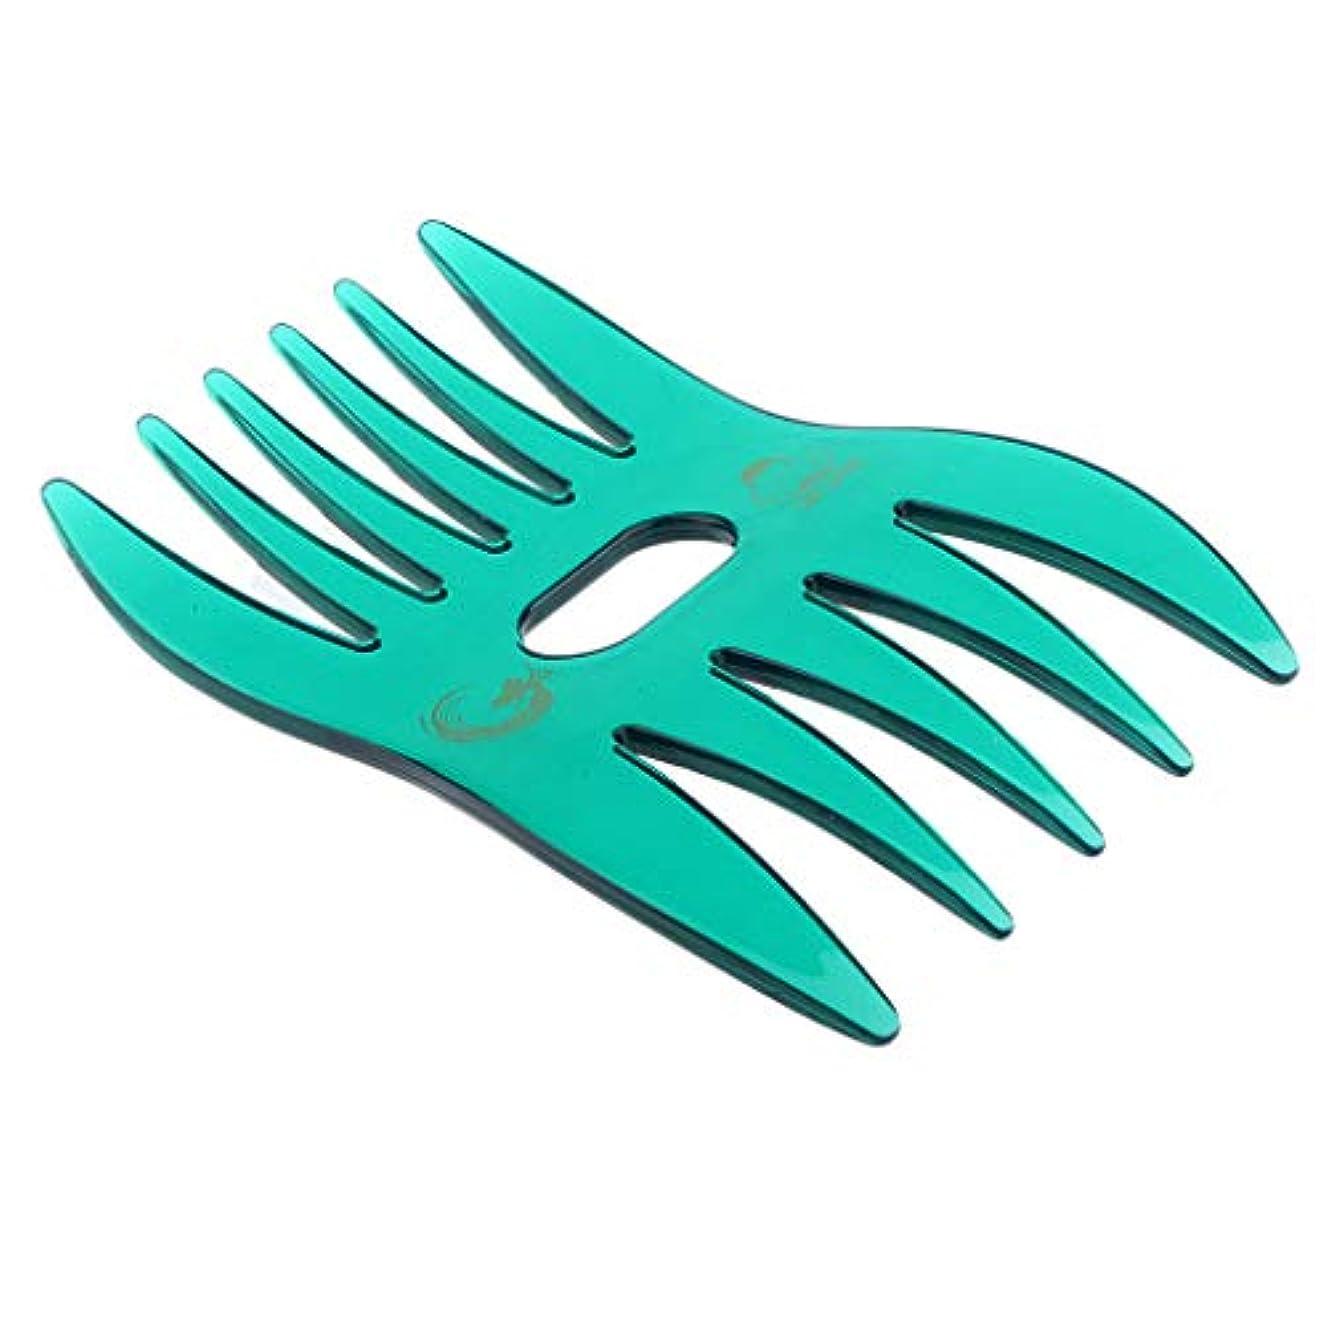 変な引く群れB Baosity ヘアコーム ヘアブラシ デュアルサイド櫛 ワイド 細かい歯 ヘアサロン 自宅用 4色選べ - 緑